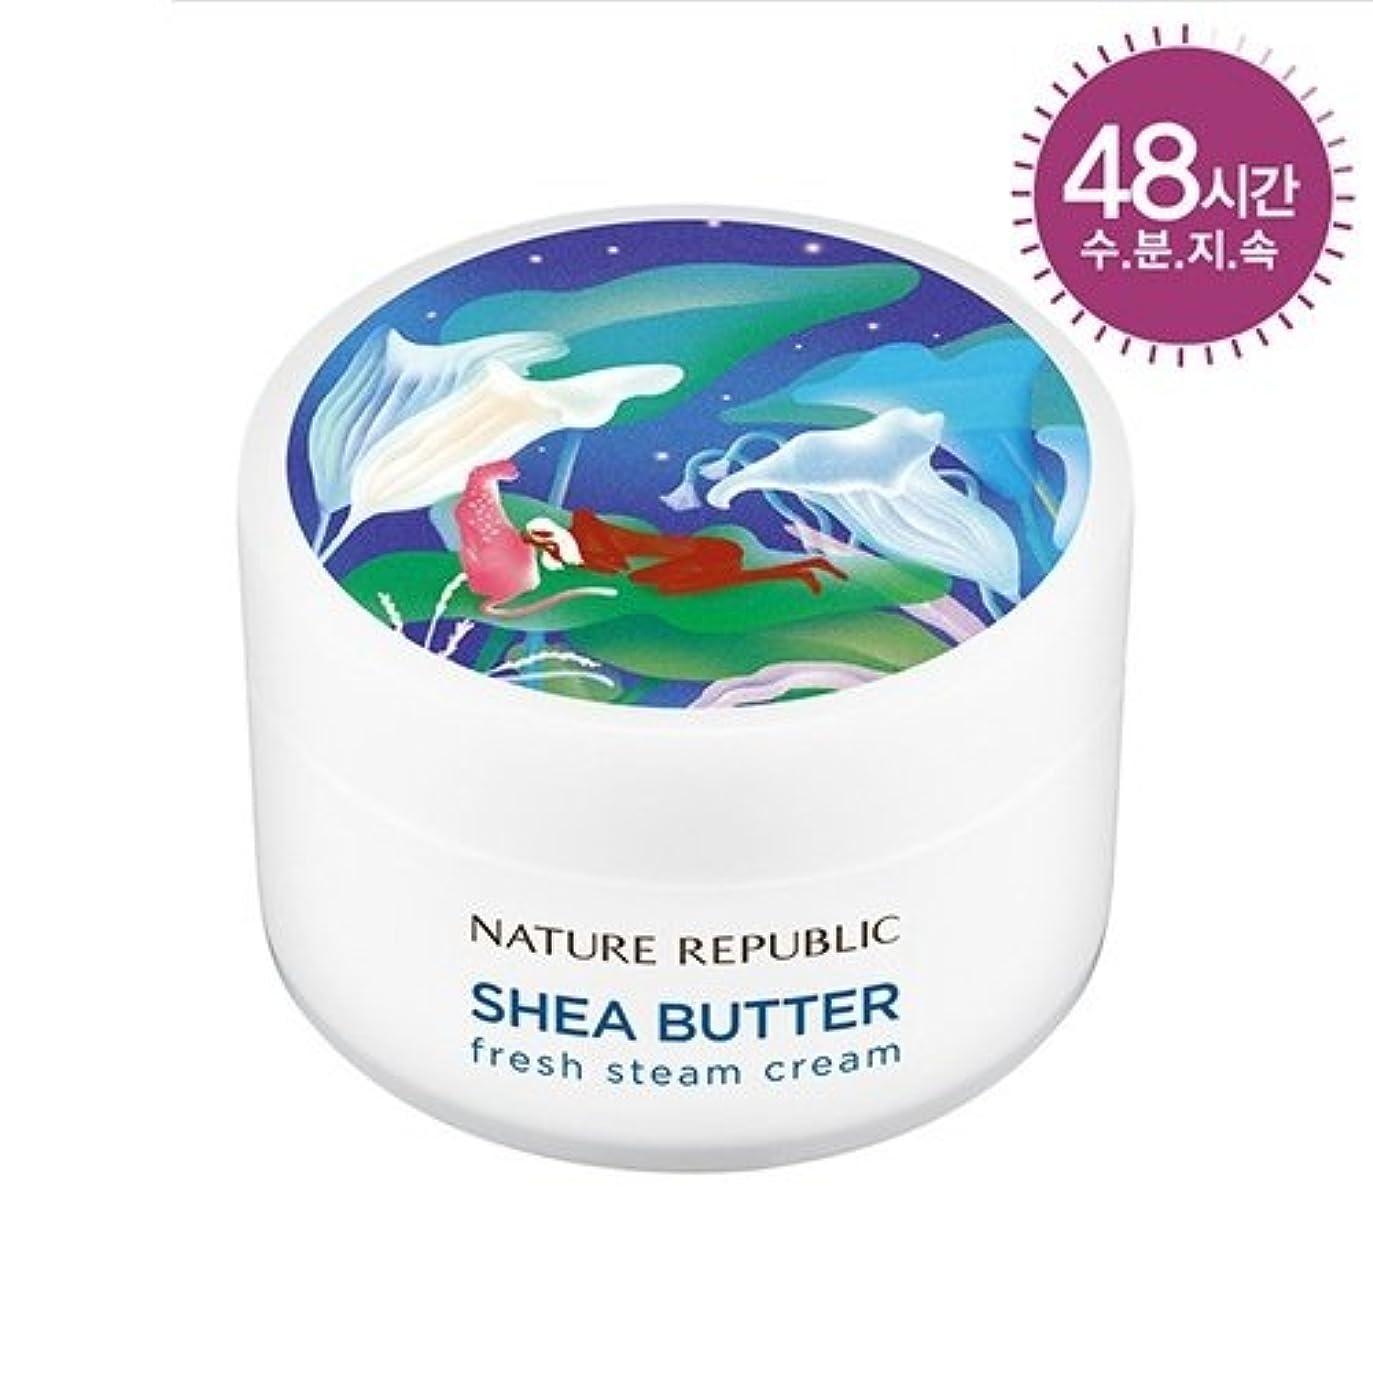 ことわざ枕進化NATURE REPUBLIC(ネイチャーリパブリック) SHEA BUTTER STEAM CREAM シアバター スチーム クリーム #フレッシュスオイリー肌